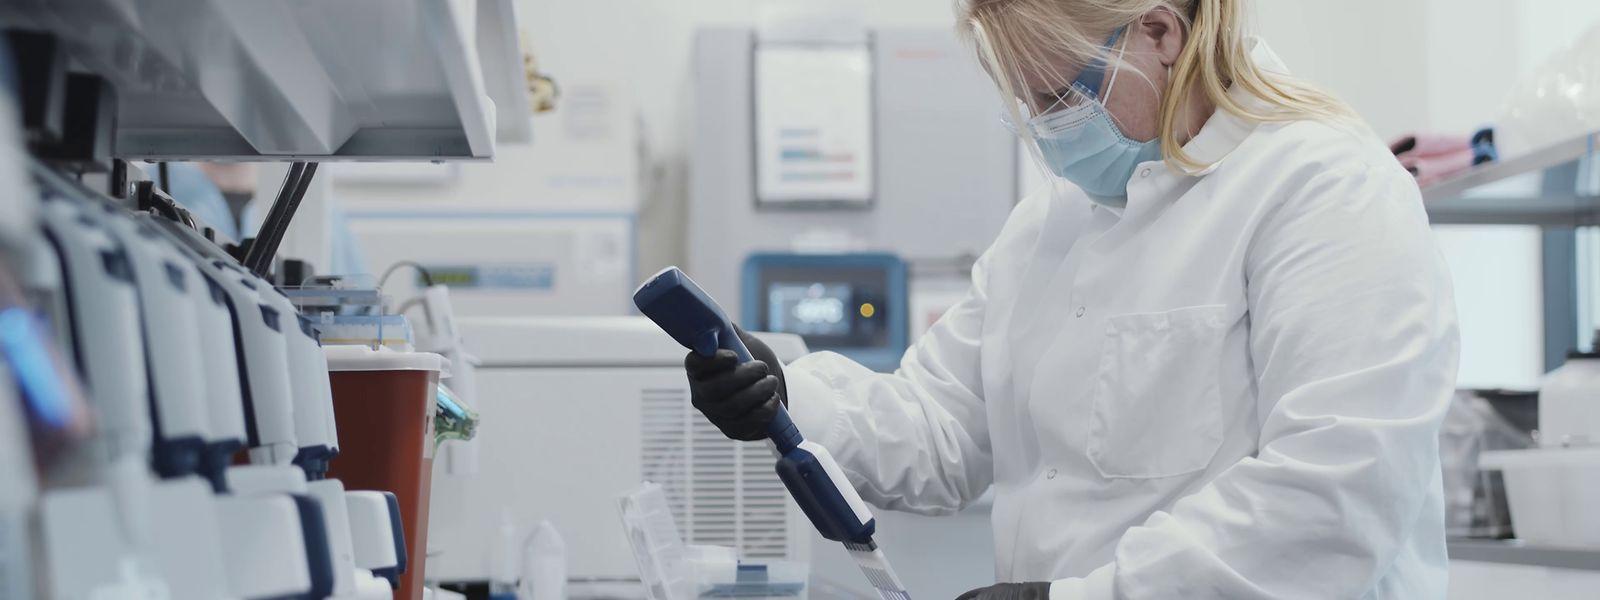 Eine Mitarbeiterin des US-Pharmakonzerns Moderna, die an der Herstellung eines Corona-Impfstoffs arbeitet. Der US-Pharmakonzern Moderna will als erstes Unternehmen die Zulassung für einen Corona-Impfstoff in der EU beantragen.